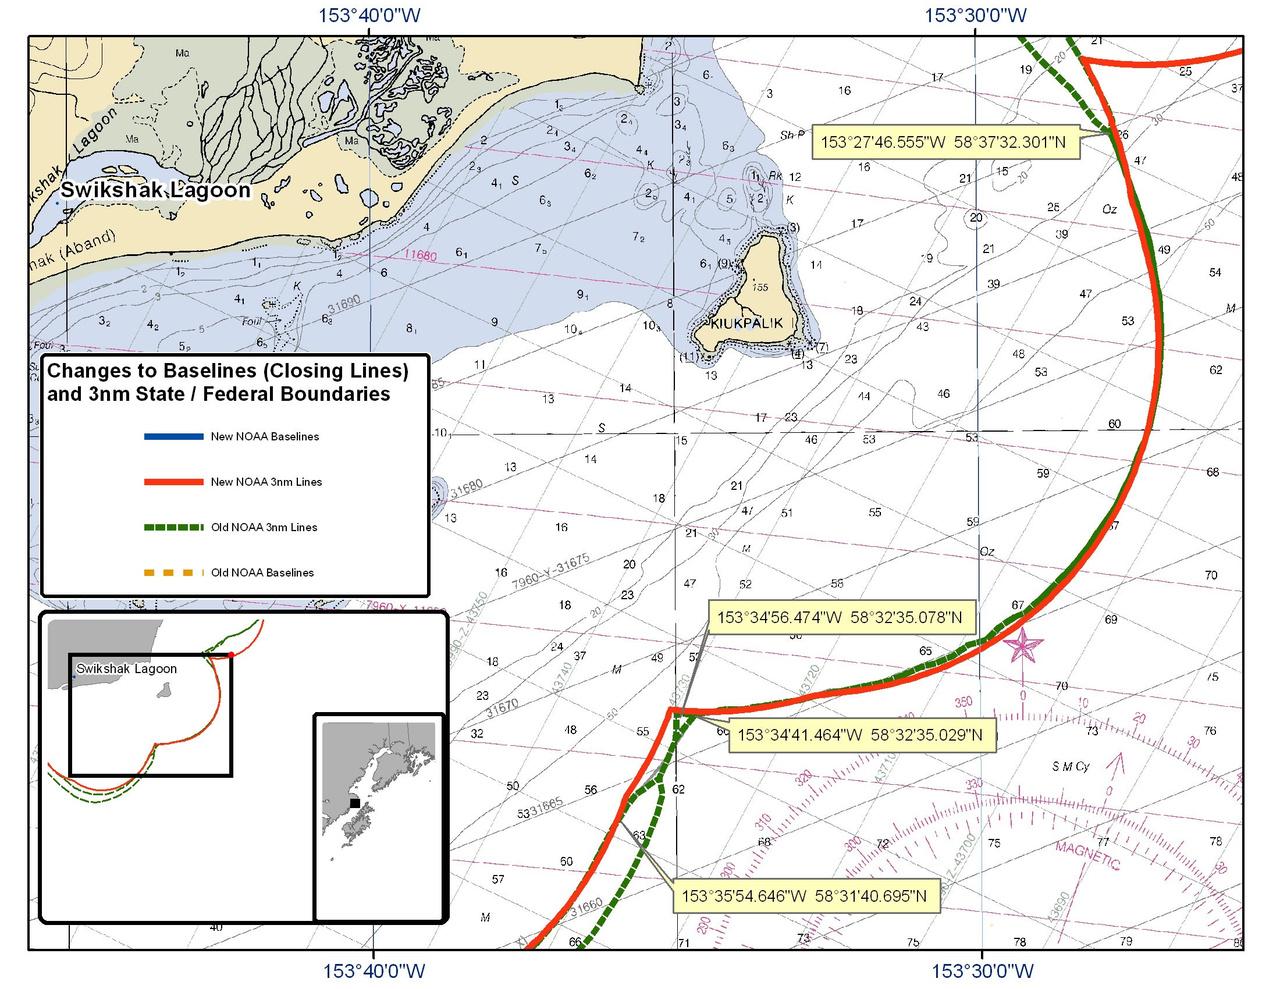 Chart for Swikshak Lagoon